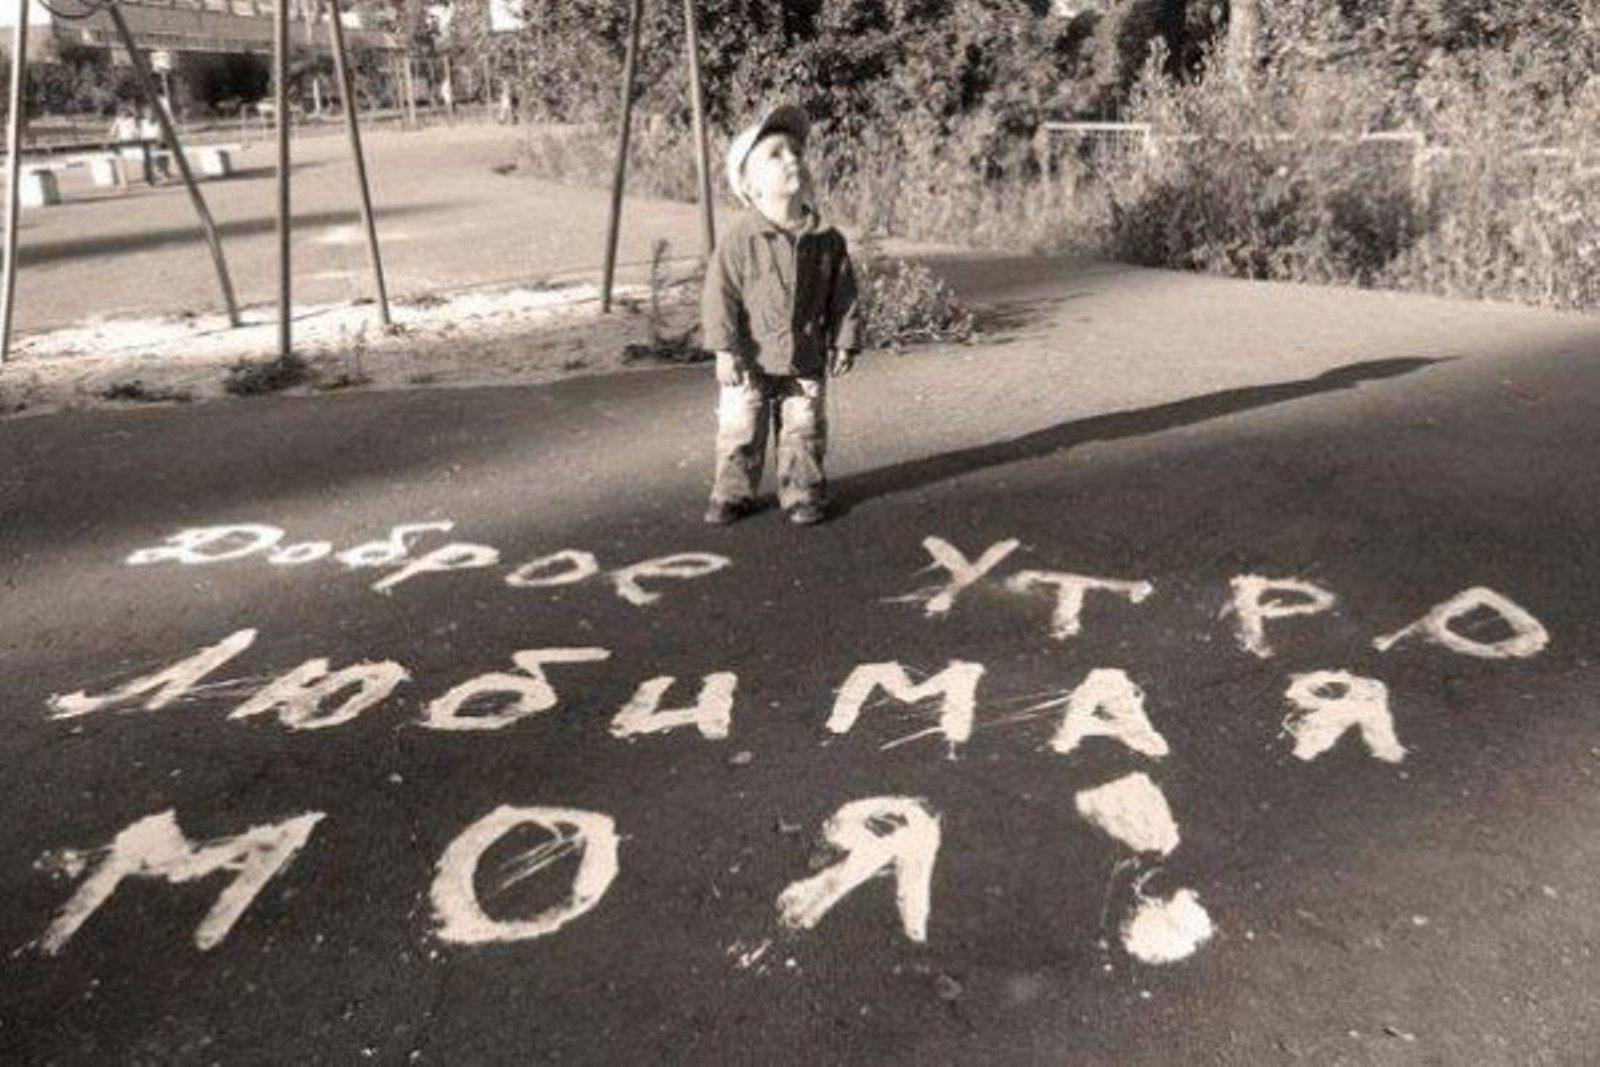 http://cp12.nevsepic.com.ua/72/1352918739-0188466-www.nevsepic.com.ua.jpg